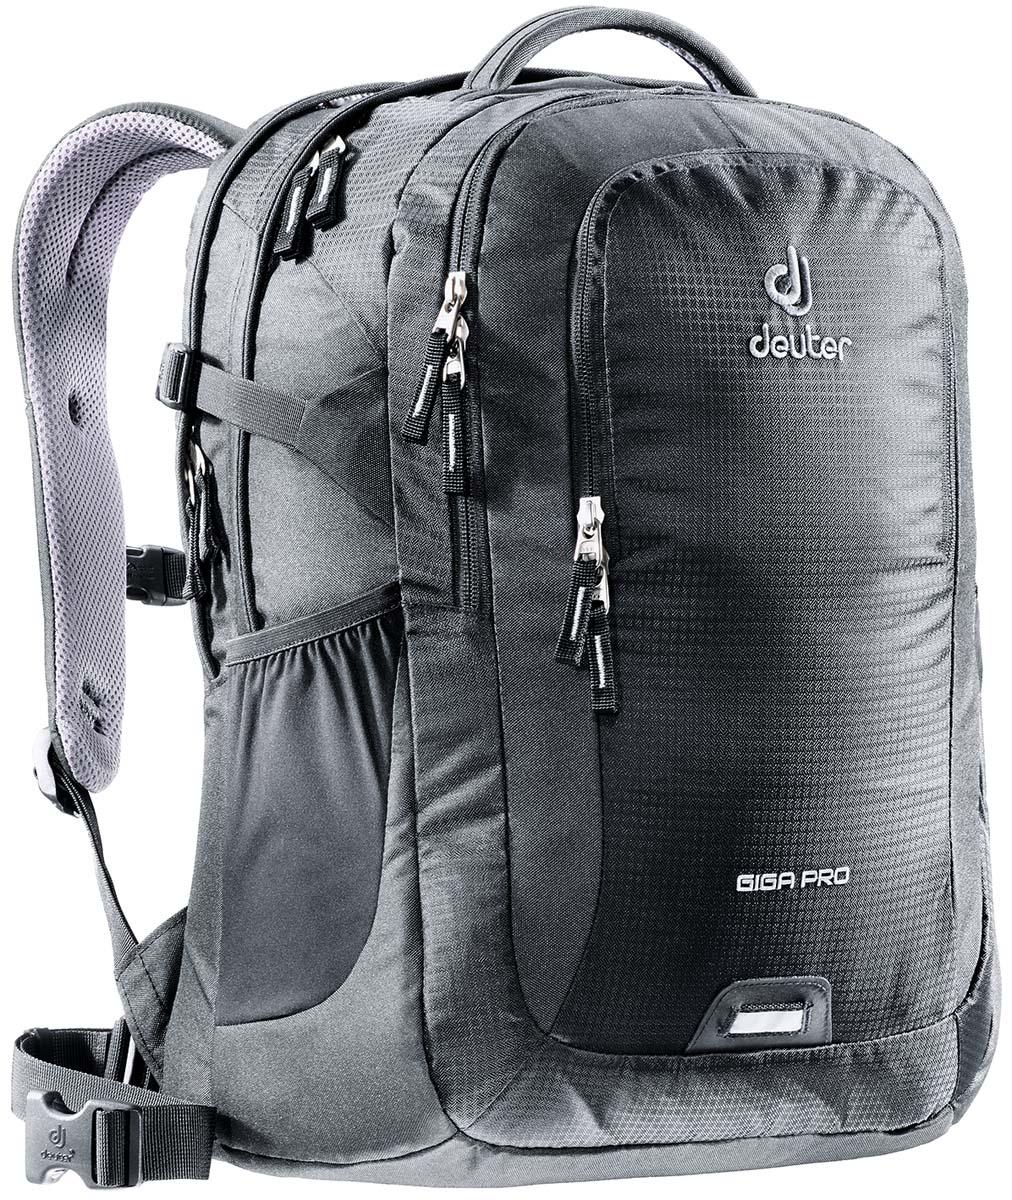 Рюкзак Deuter Daypacks Giga Pro, цвет: черный, 31 лZ90 blackГородской рюкзак Deuter Giga Pro правильный выбор для тех, кто ищет профессиональный рюкзак: все принадлежности идеально расположены и защищены.Имеется специальное мягкое съемное отделение для ноутбука. Система спинки Airstripes, большое основное отделение, в котором помещаются папки для бумаг, дно имеет мягкую подкладку, компрессионные стропы, удобная ручка для переноски, большой передний карман на молнии с органайзером, съемный набедренный ремень, петля с отражателем, второе основное отделение, со съемной мягкой сумкой под ноутбук 15,6 дюймов, боковой сетчатый карман.